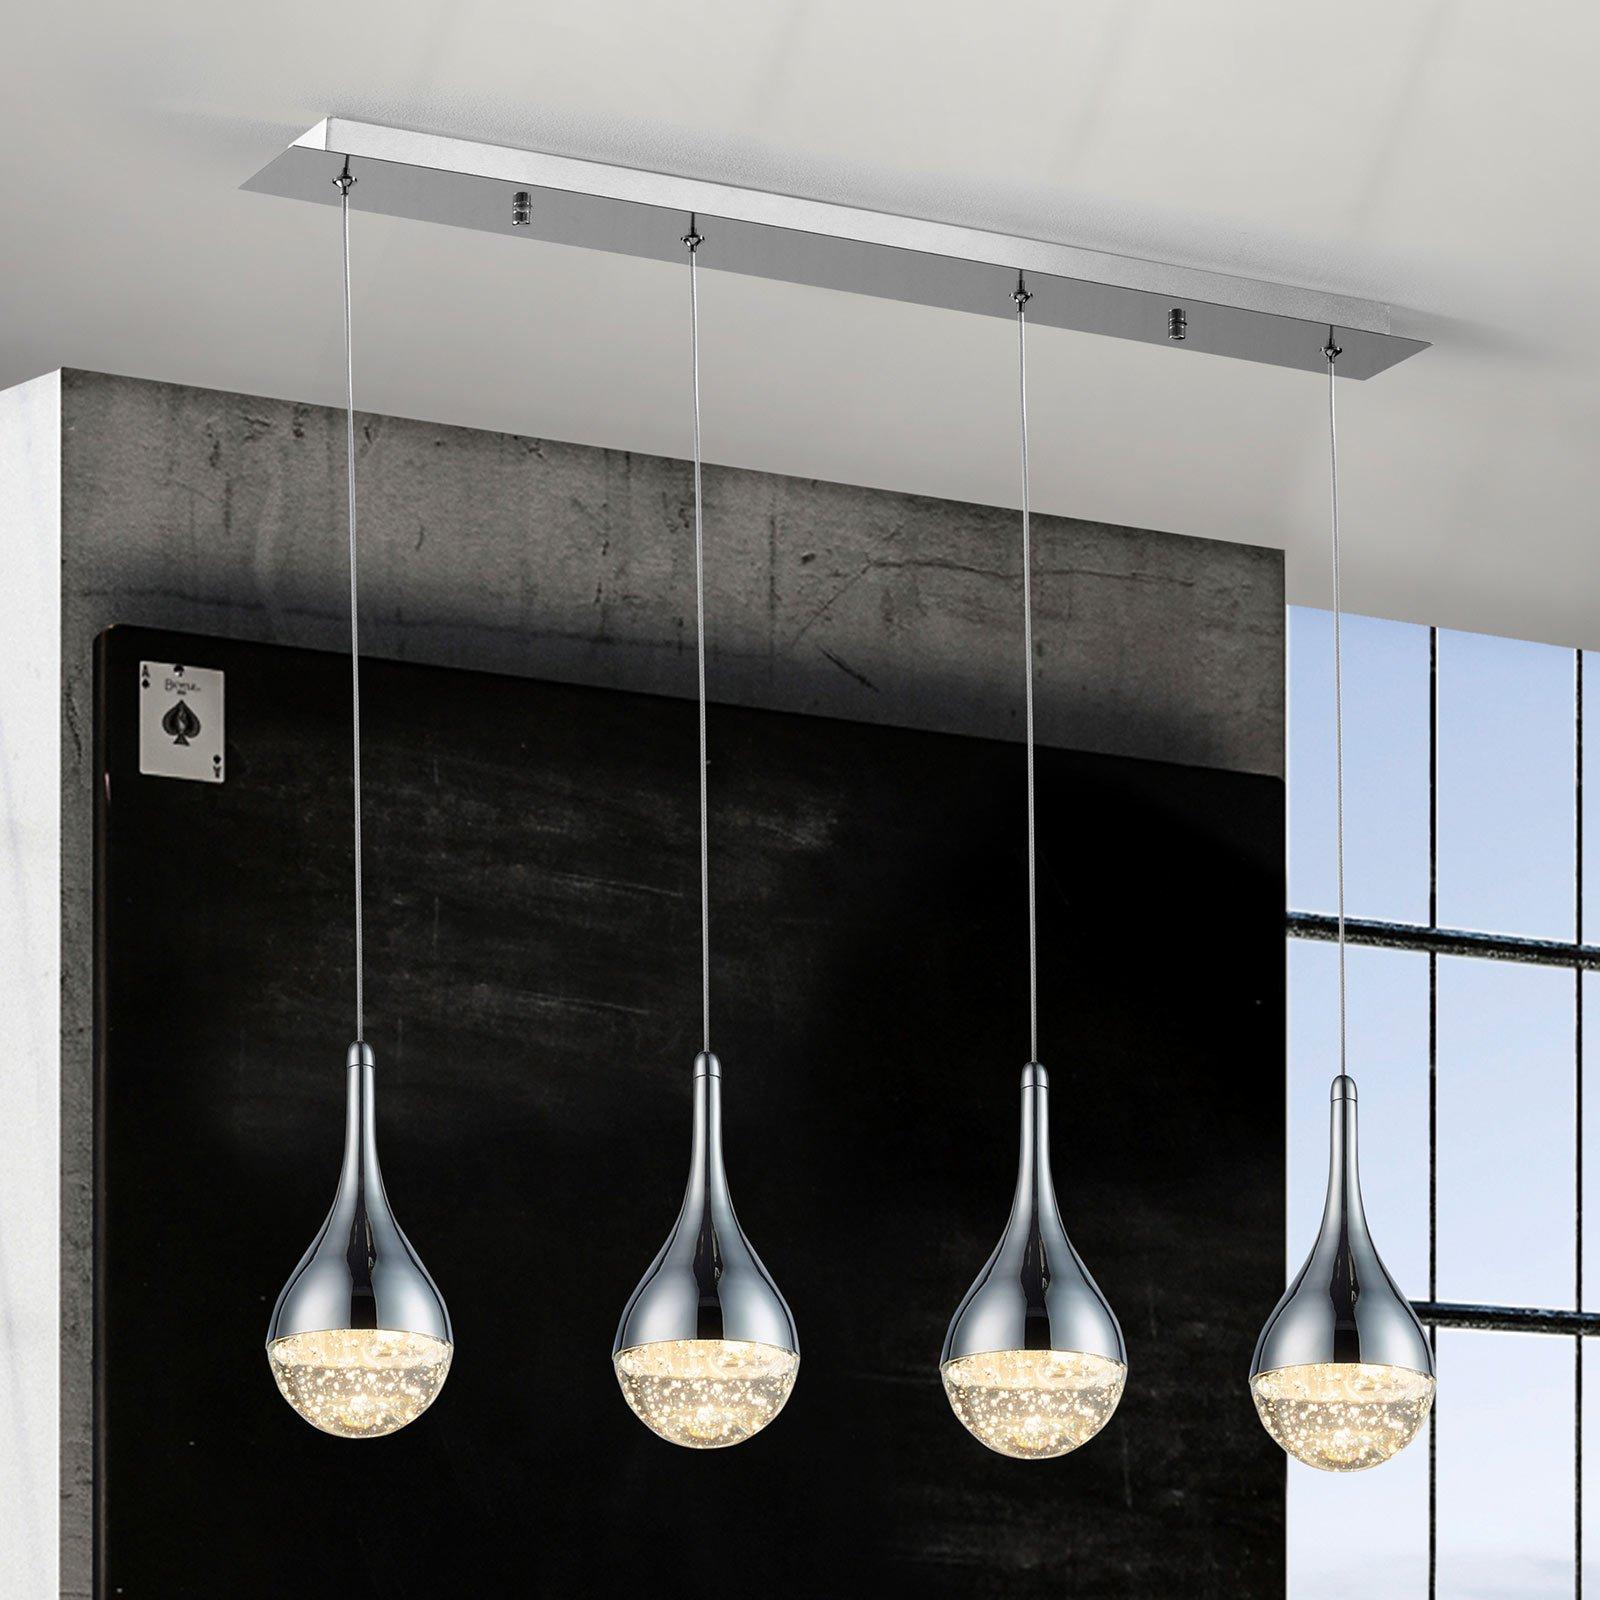 Elie LED-pendellampe, 4 lyskilder